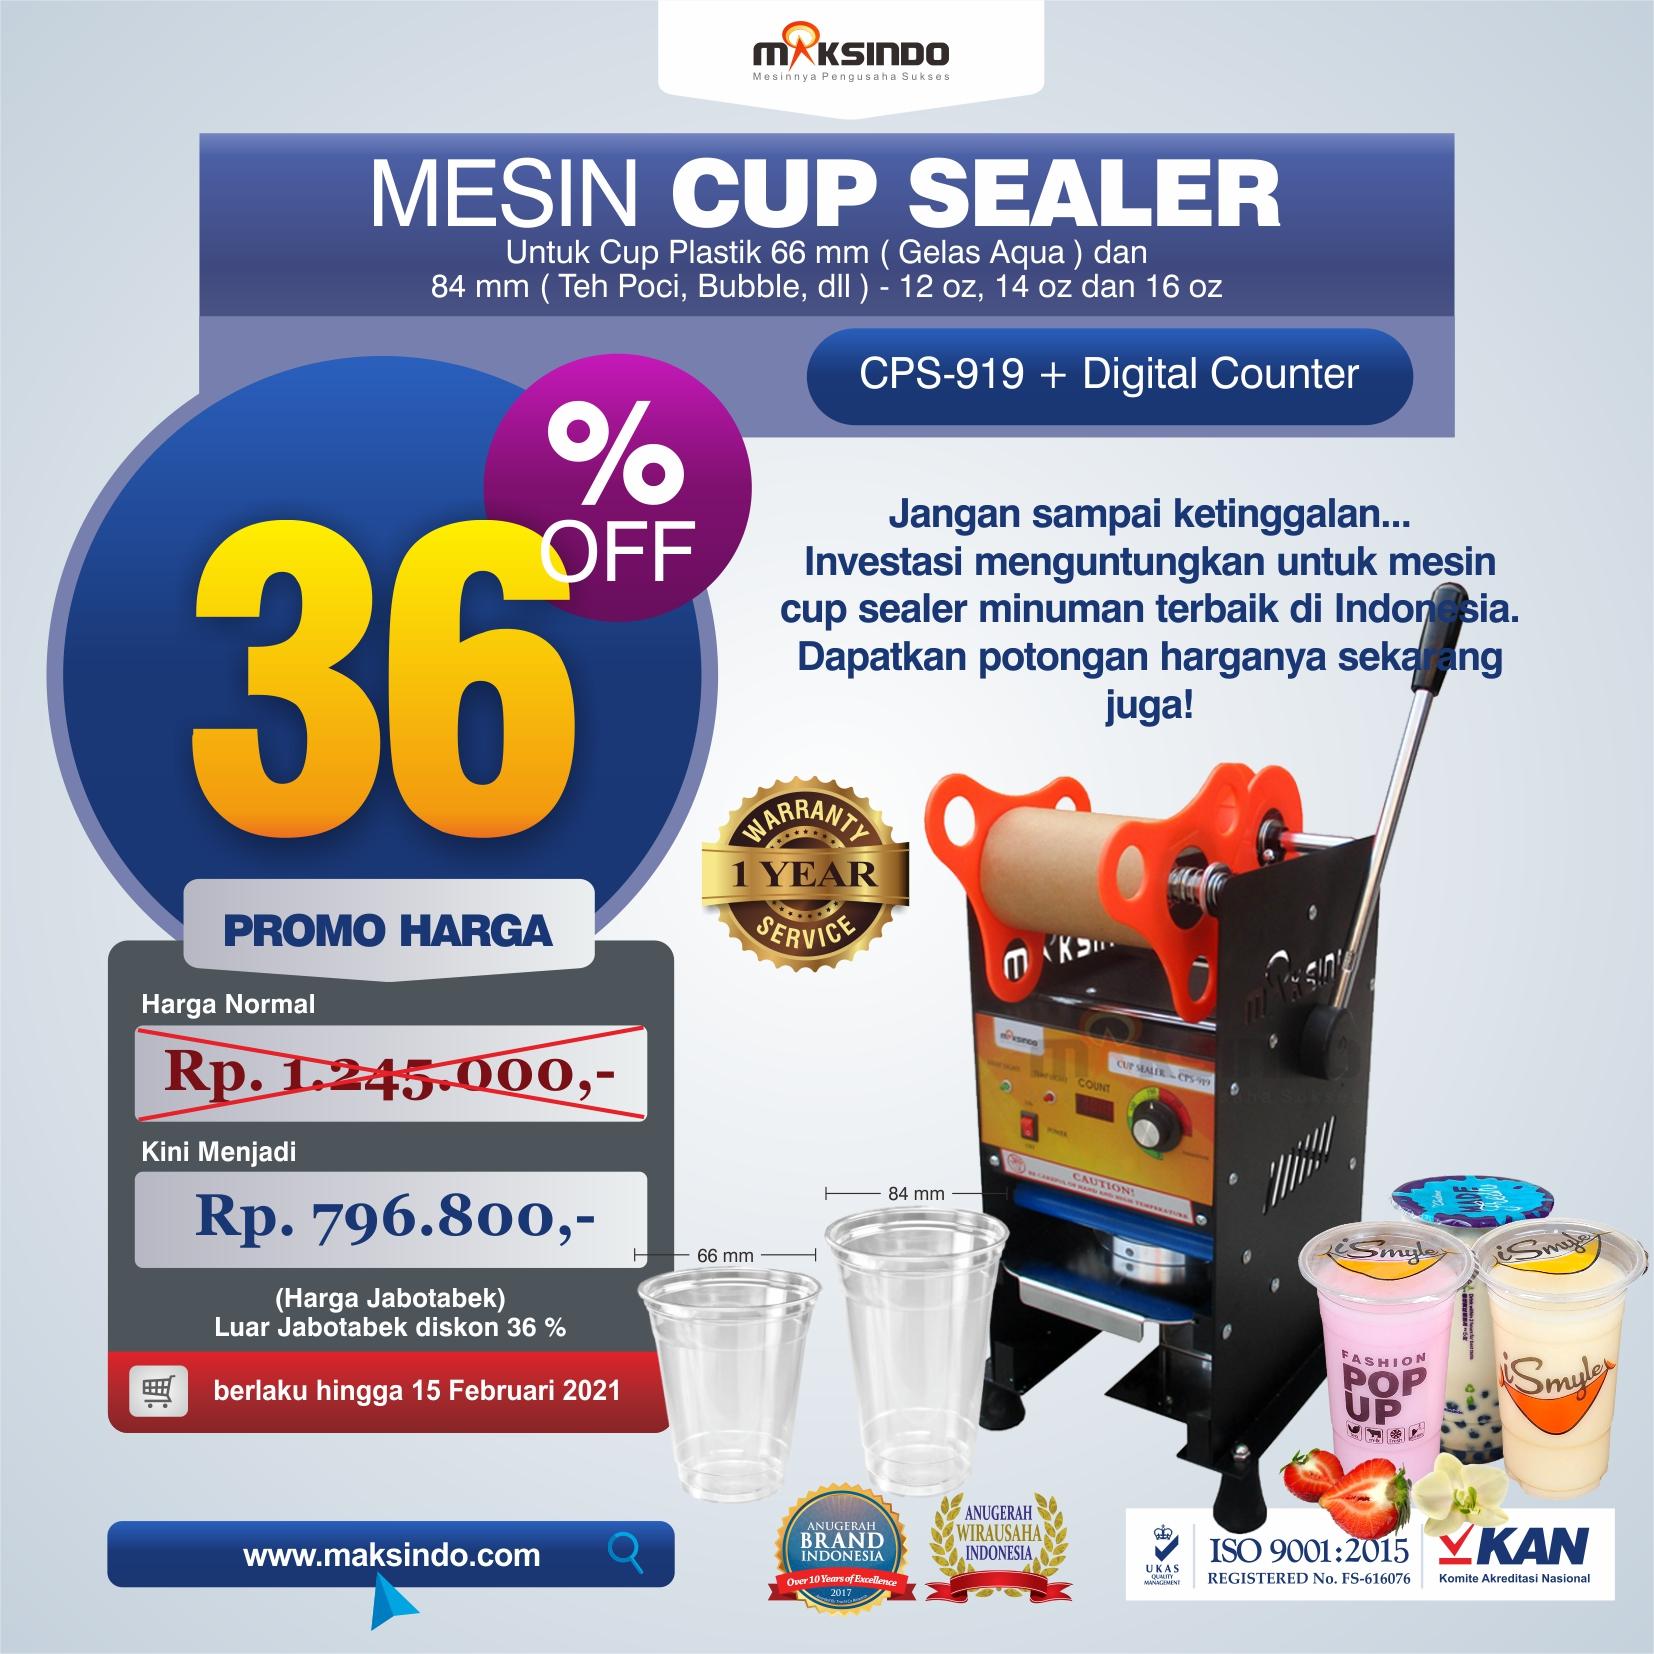 Jual Mesin Cup Sealer Manual CPS-919 di Solo